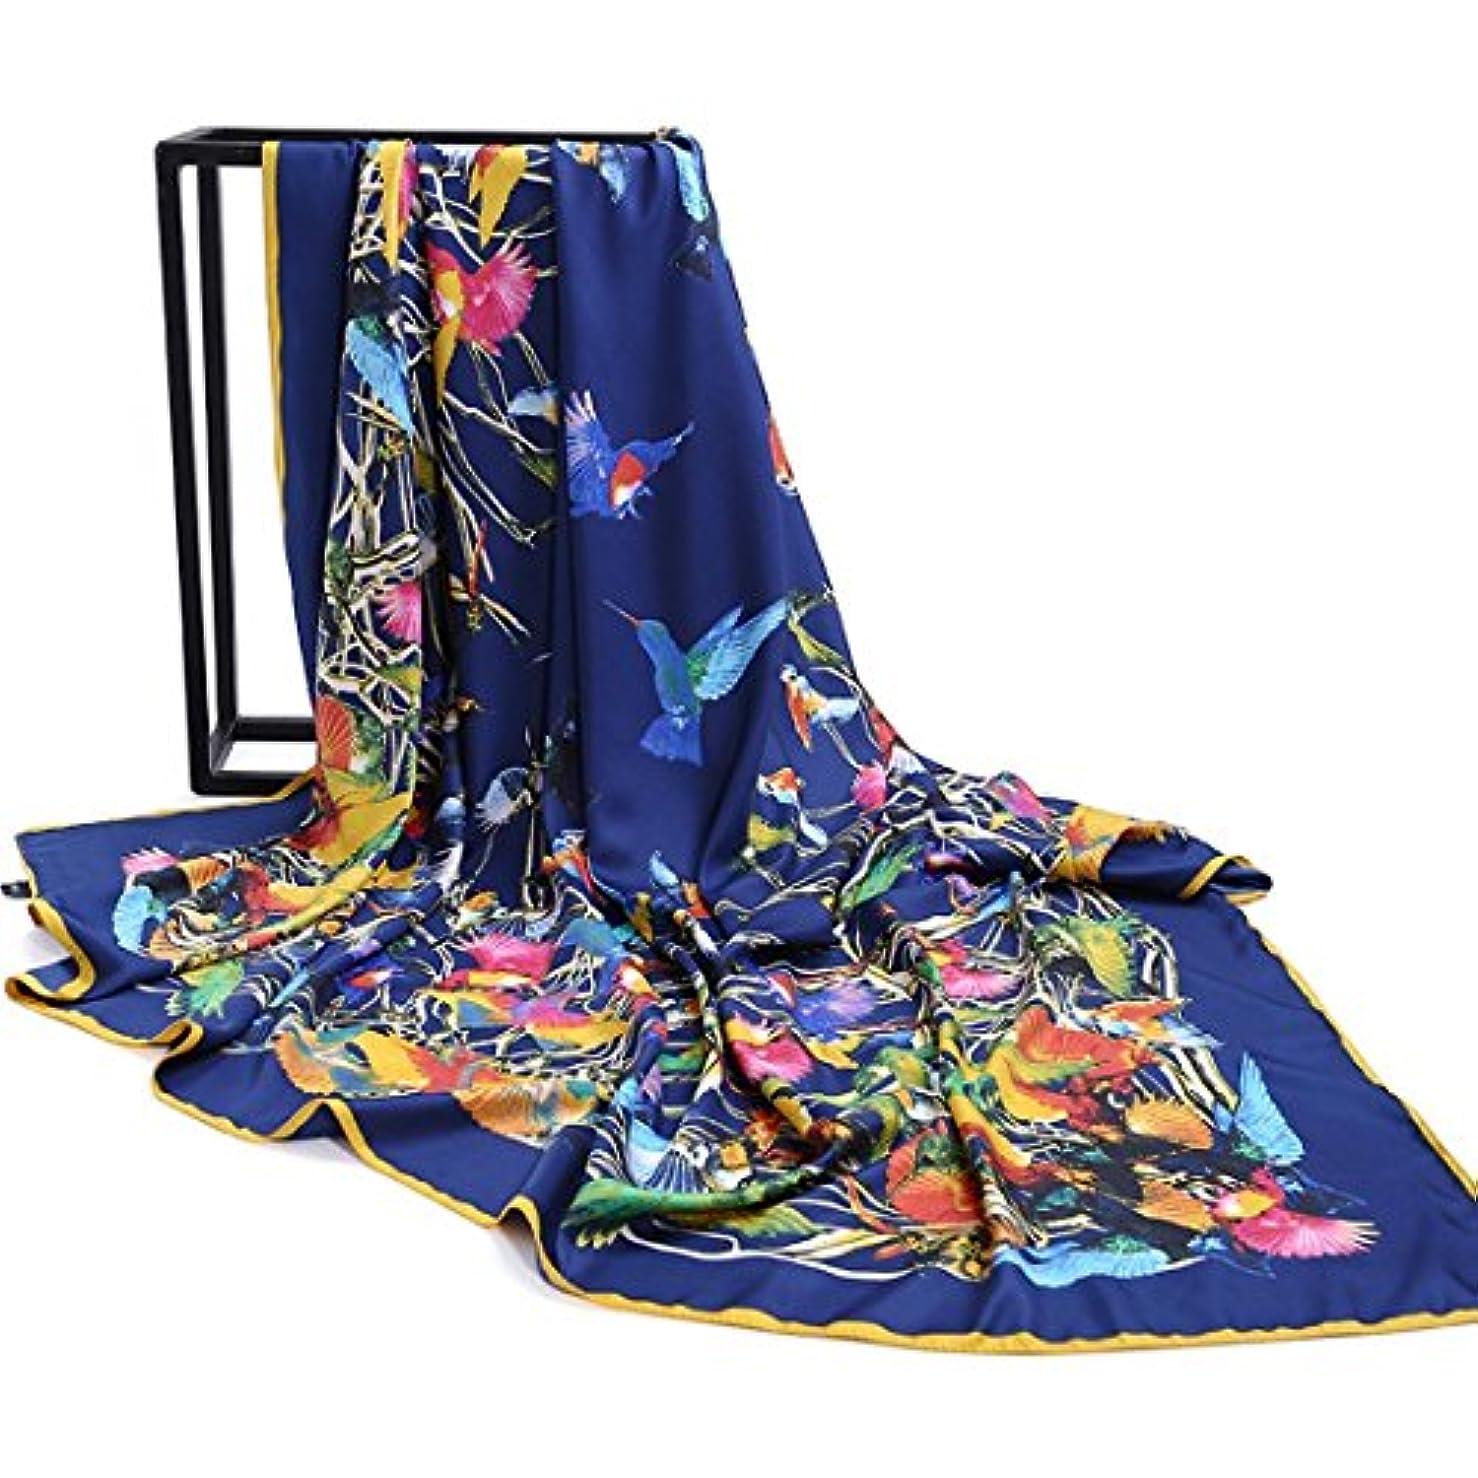 血統サージ幻想的女性用スカーフ軽量スカーフツイルシルクスカーフ女性用スクエアスカーフ130 * 130cm